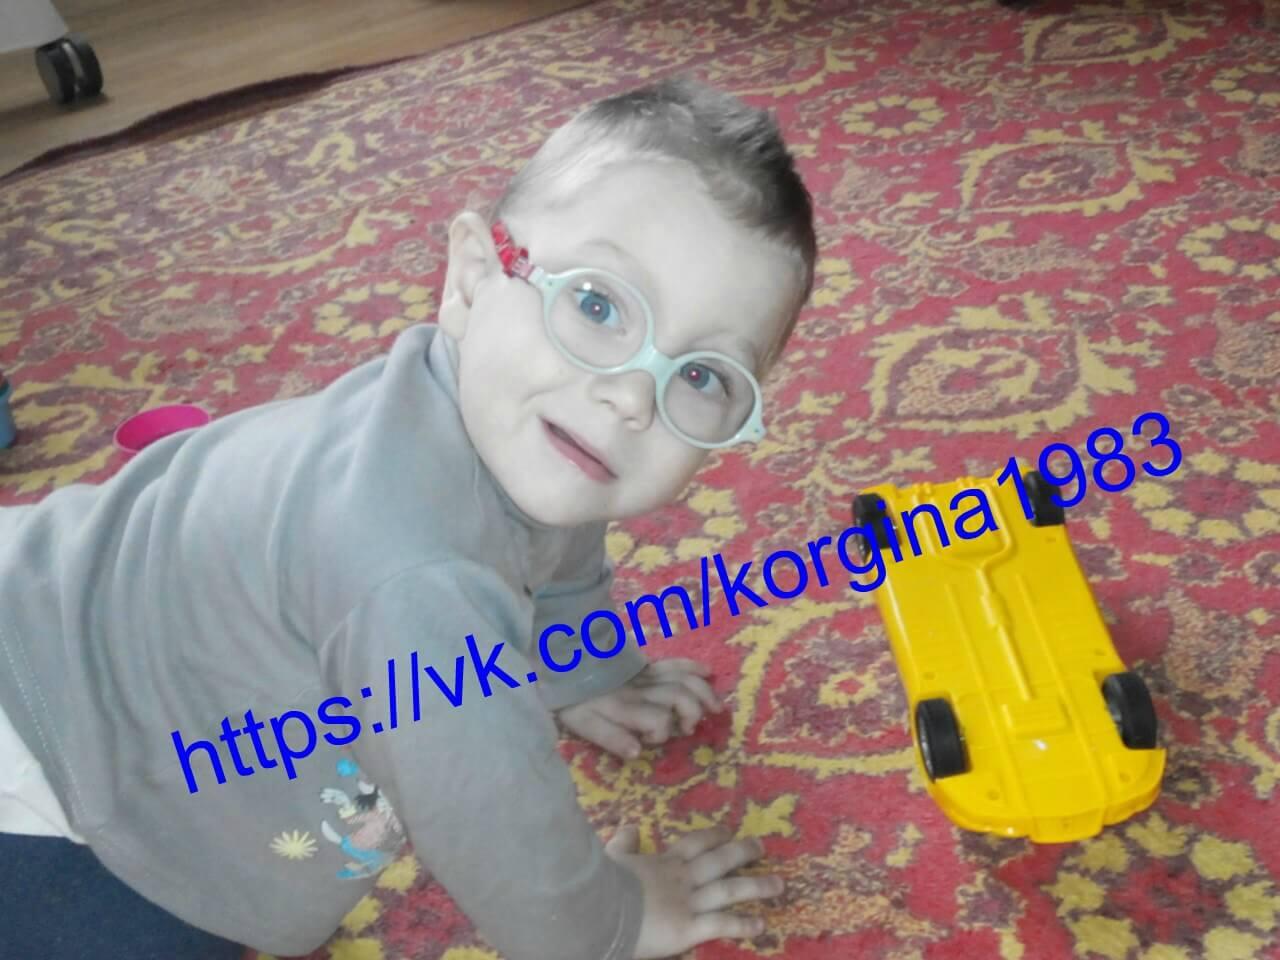 2-летнему Ивану Коргину из Торжка необходима помощь